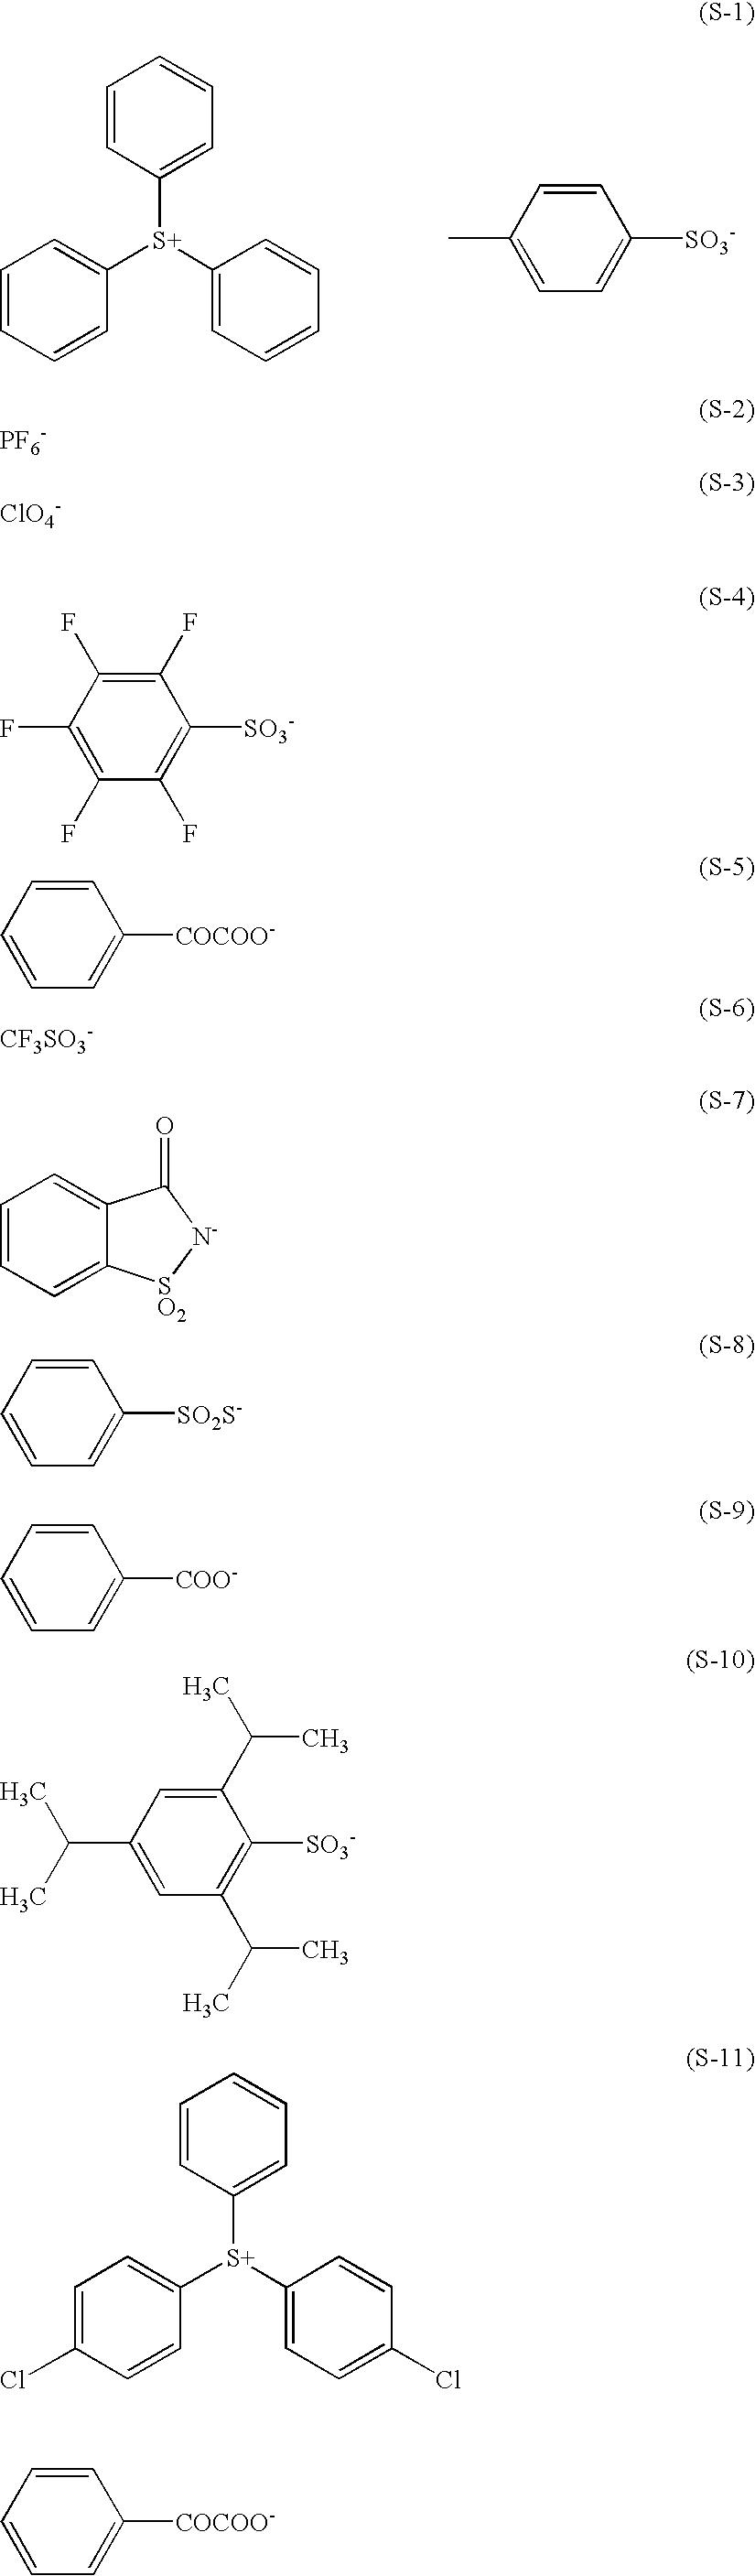 Figure US07910286-20110322-C00019